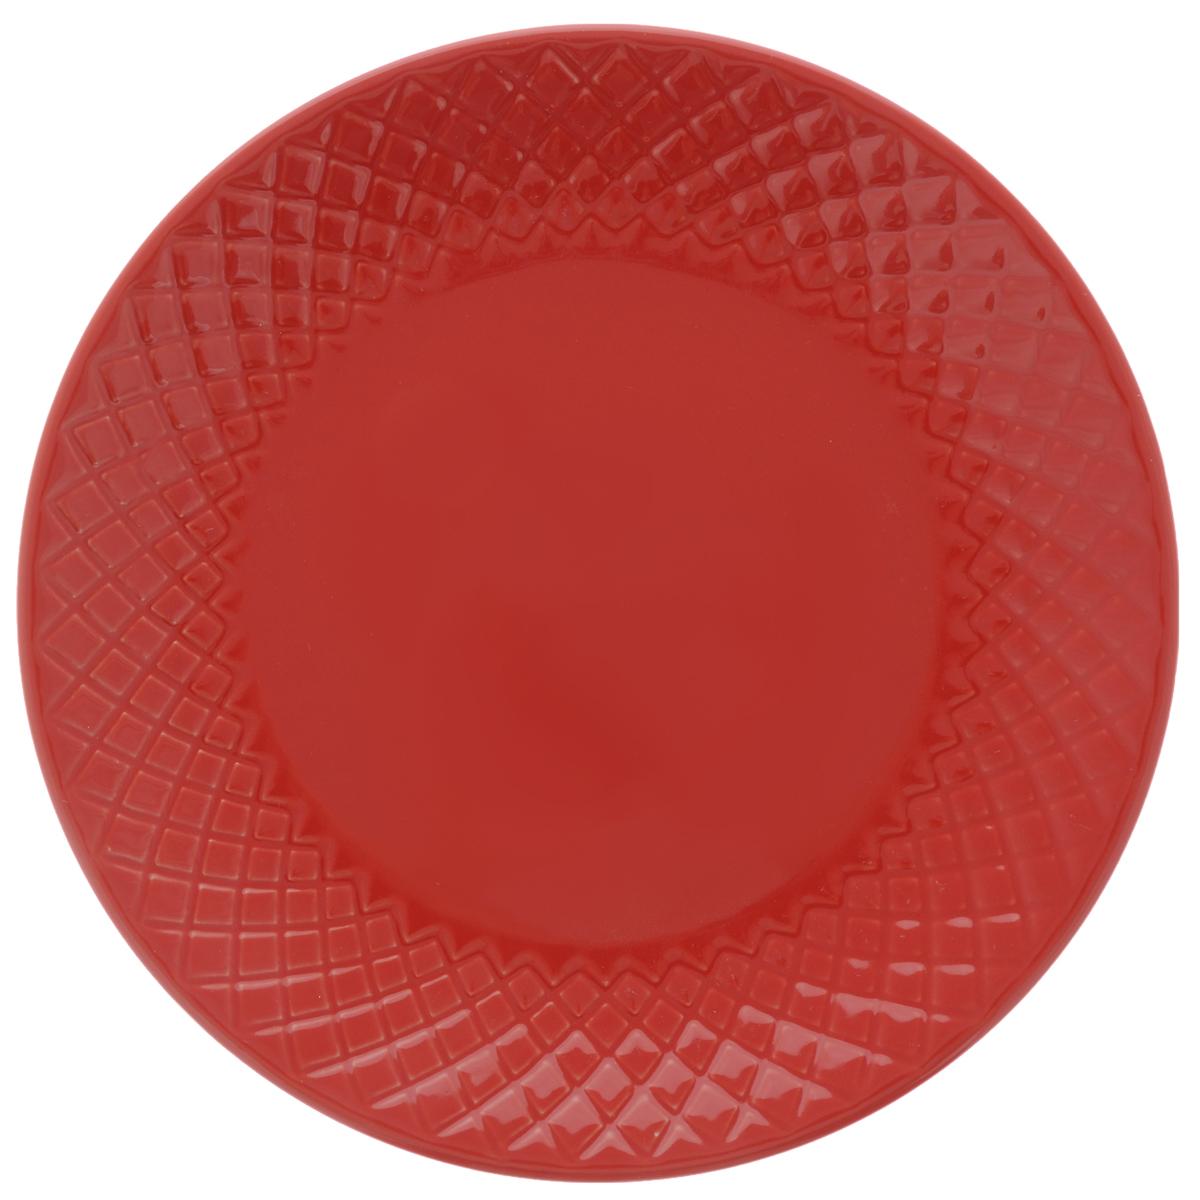 Тарелка обеденная Walmer Amber, цвет: красный, диаметр 20 смW06131020Обеденная тарелка Walmer Amber, изготовленная из высококачественной керамики, имеет изысканный внешний вид. Яркий дизайн придется по вкусу и ценителям классики, и тем, кто предпочитает утонченность. Тарелка Walmer Amber идеально подойдет для сервировки стола и станет отличным подарком к любому празднику. Диаметр (по верхнему краю): 20 см